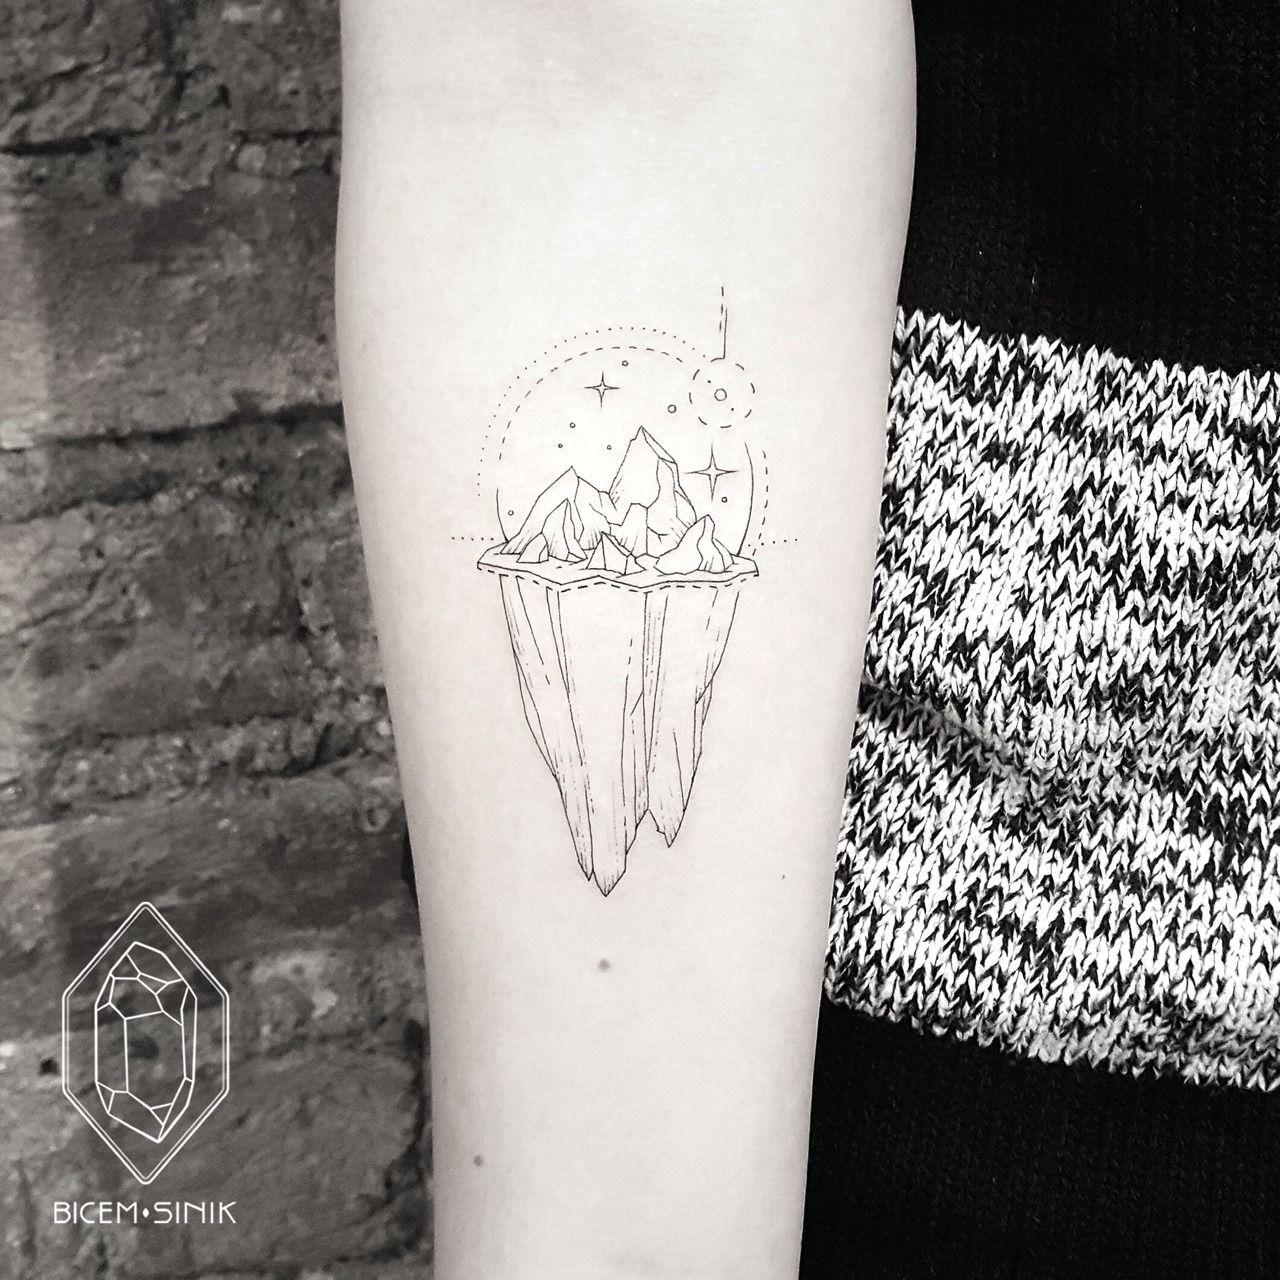 Instagram Com Bicemsinik Bicemsinik Gmail Com Tattoos Future Tattoos Tattoo Artists